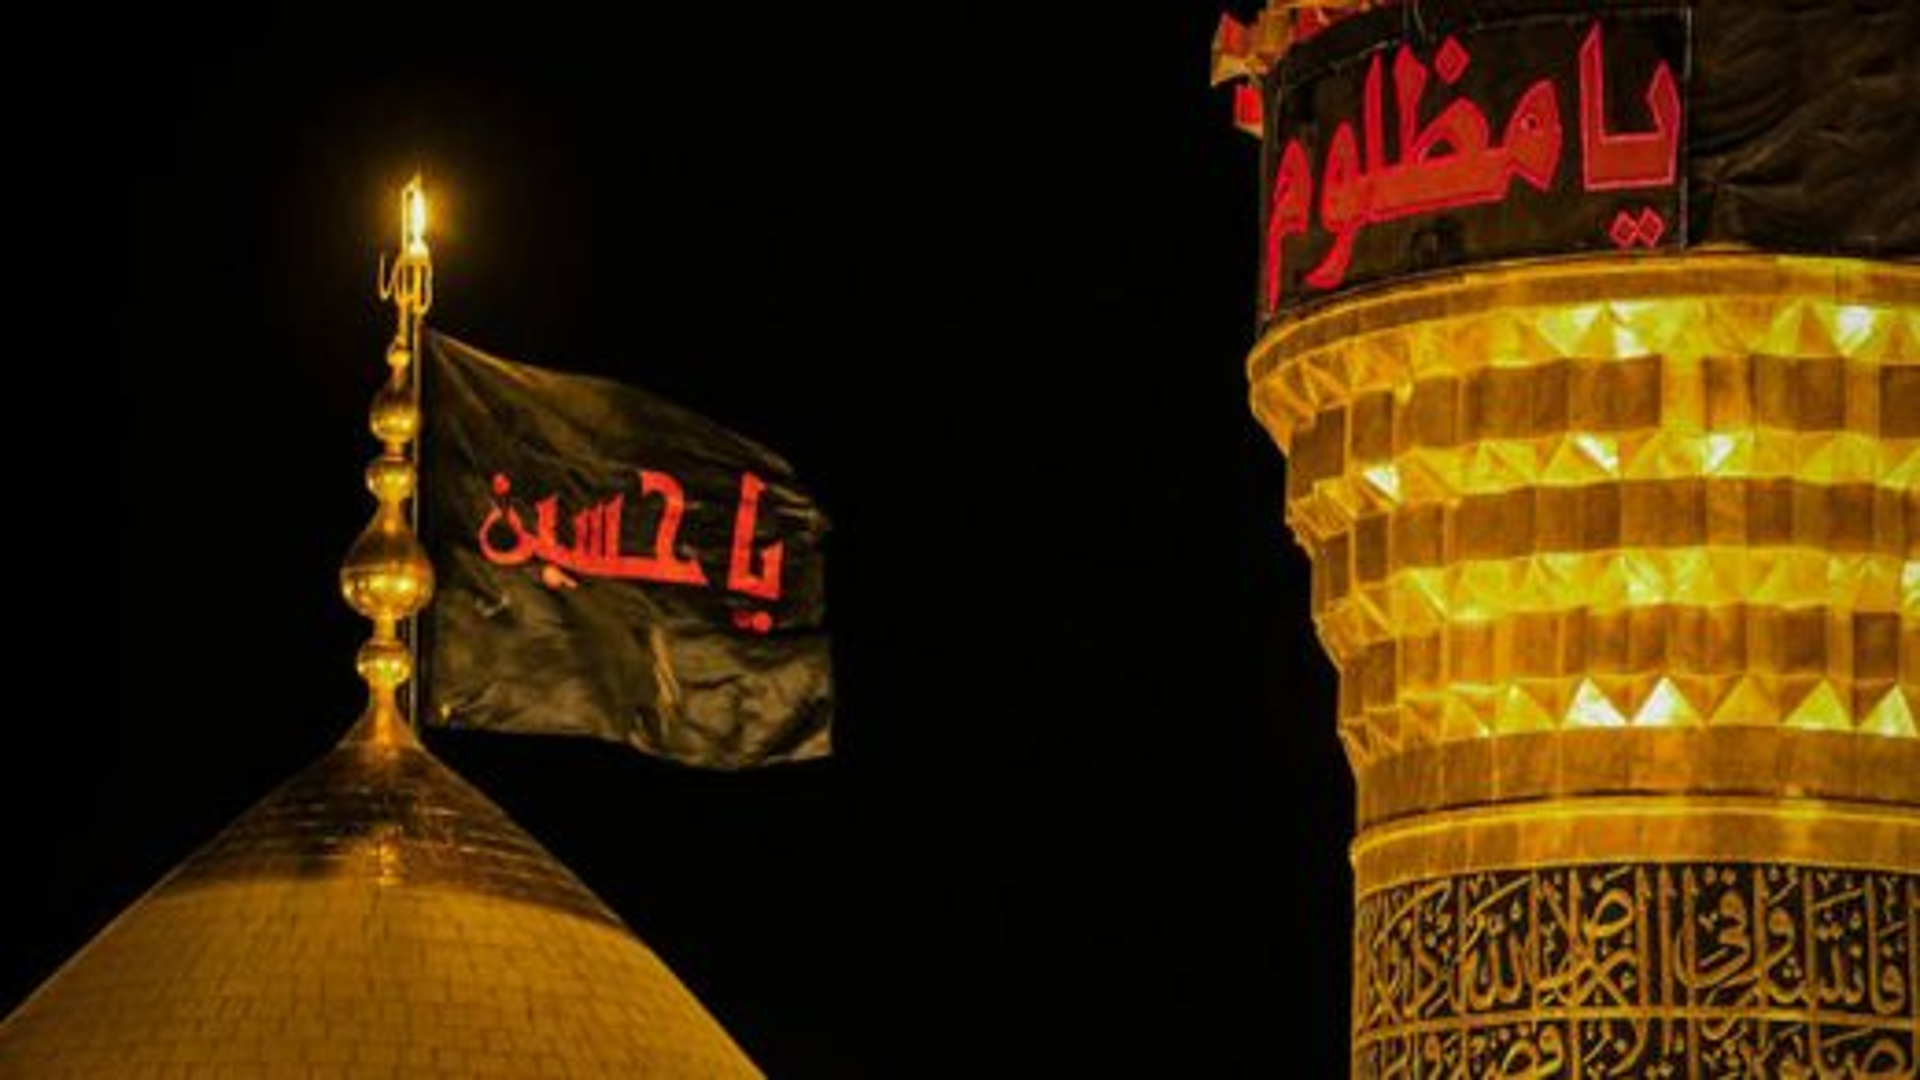 تعویض پرچم گنبد حرم امام حسین | تگ